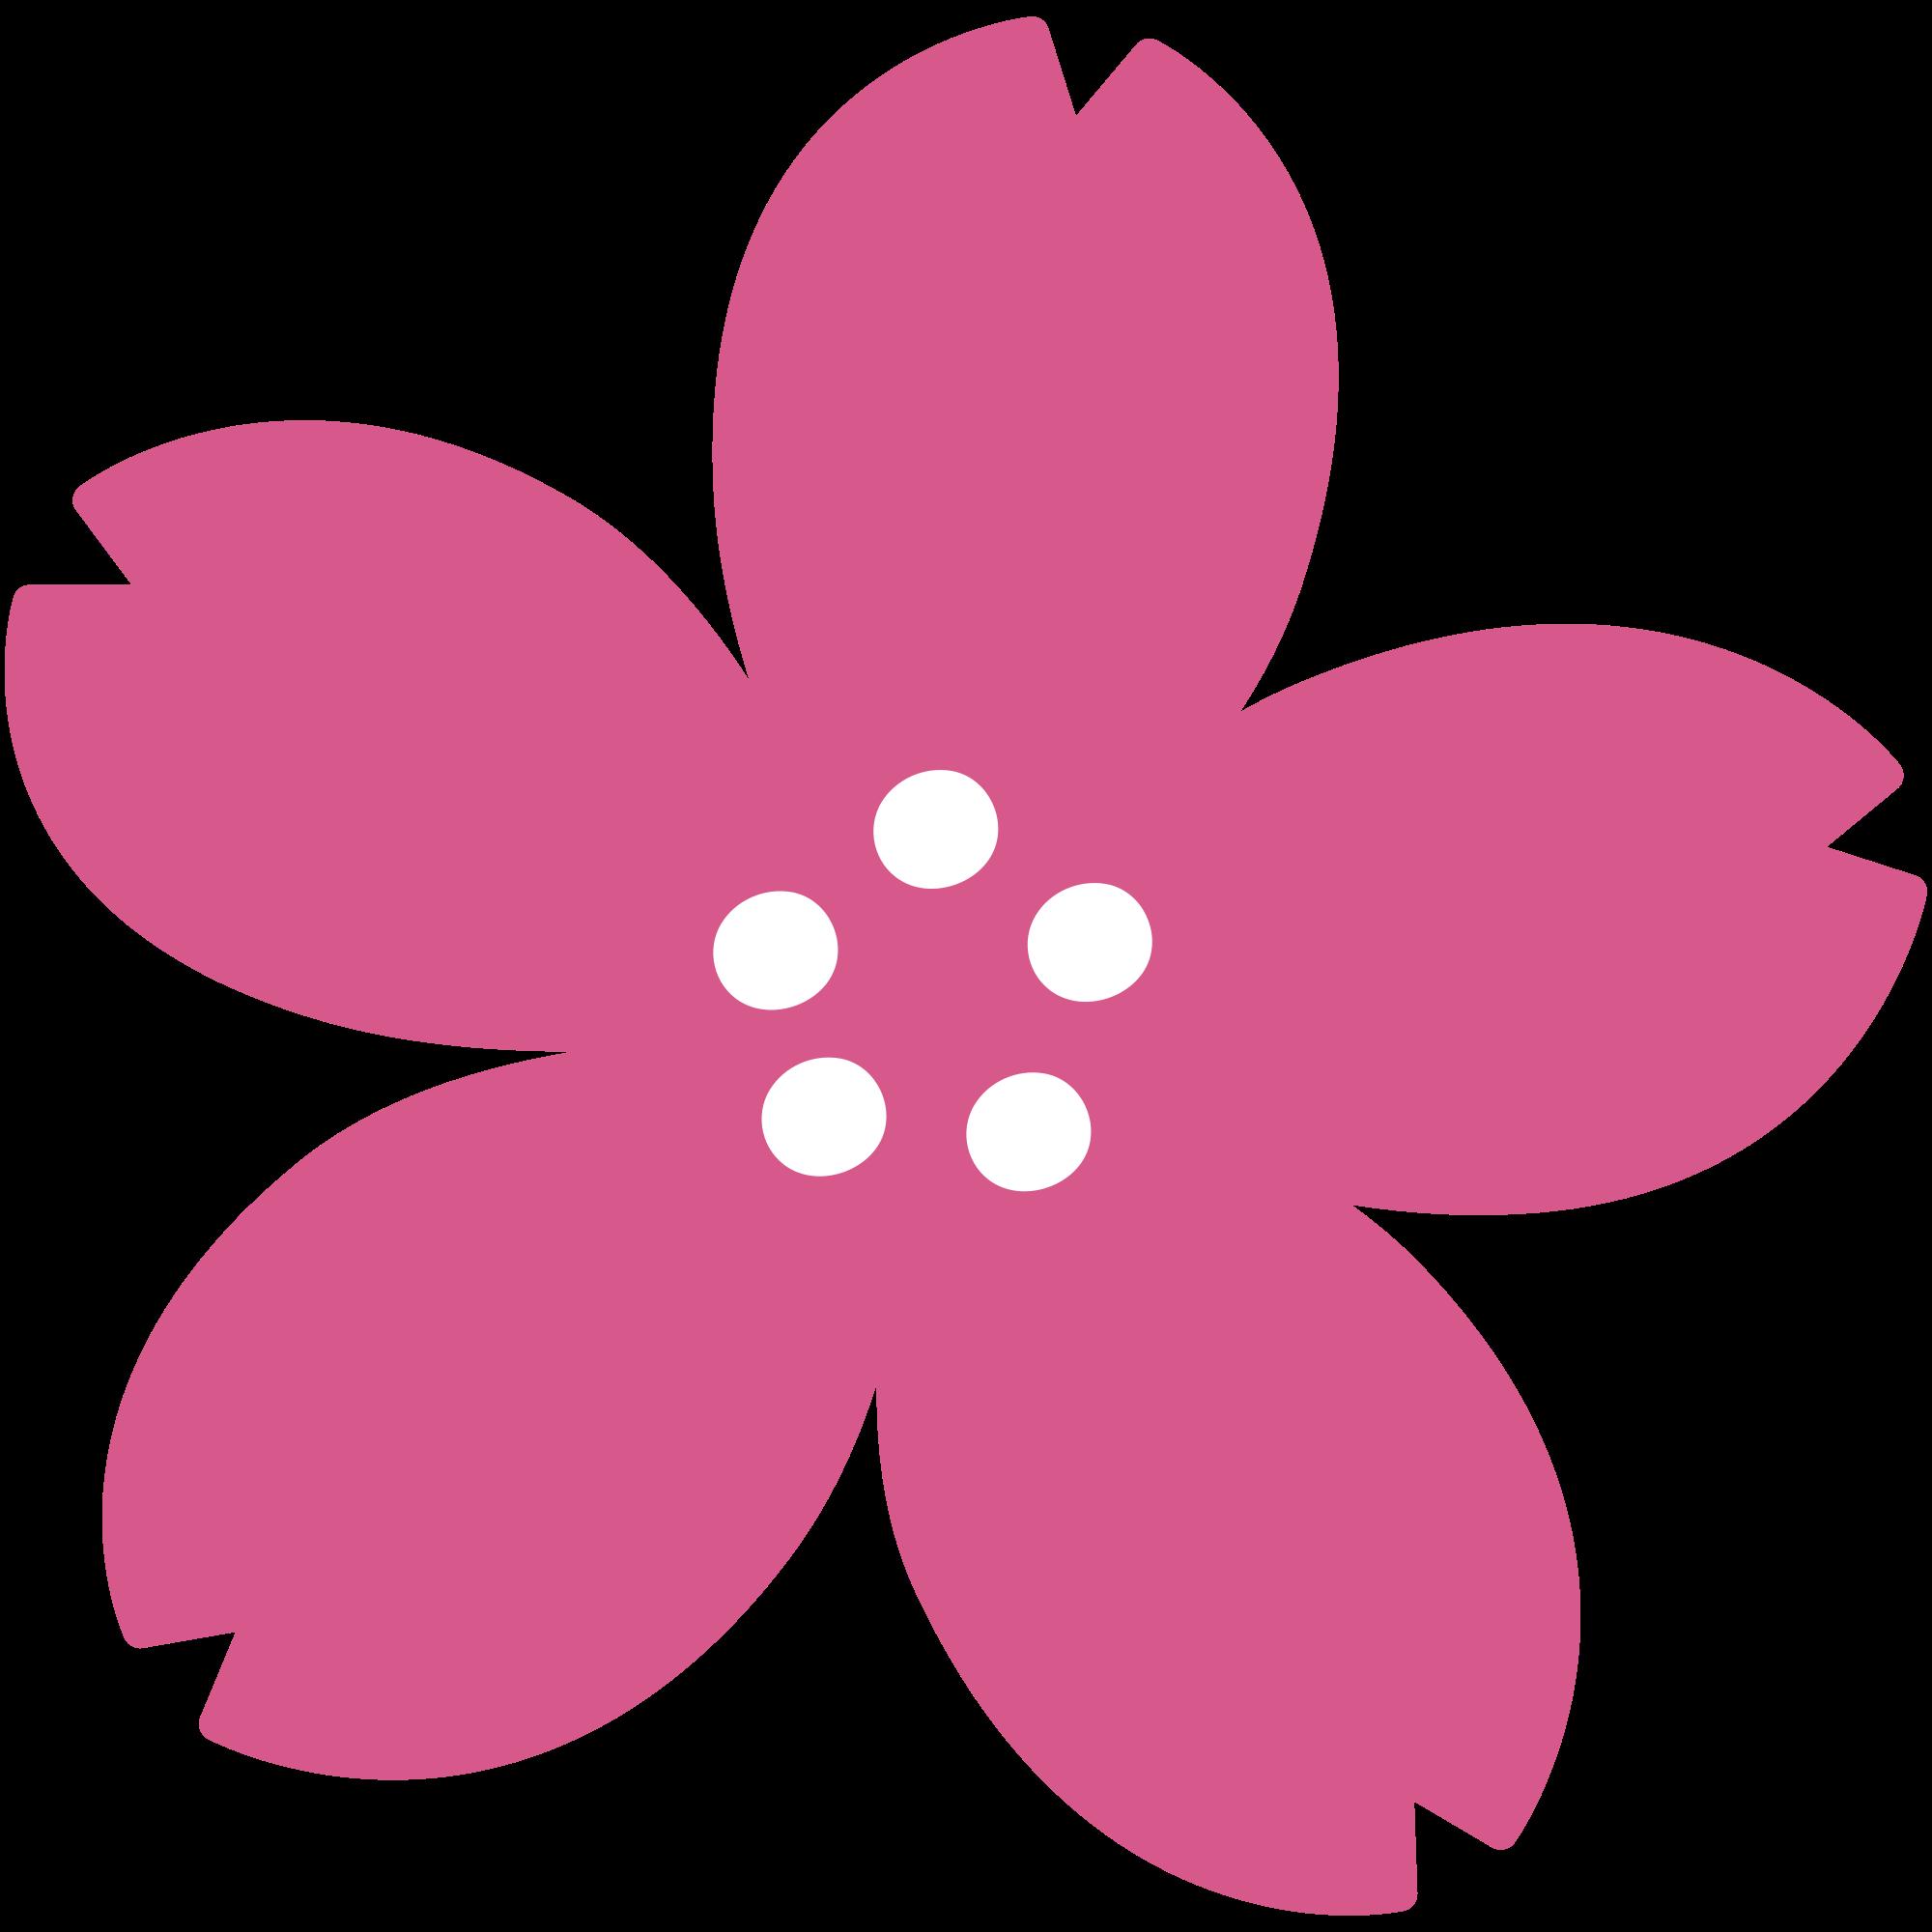 Emoji flower png. Image u f svg